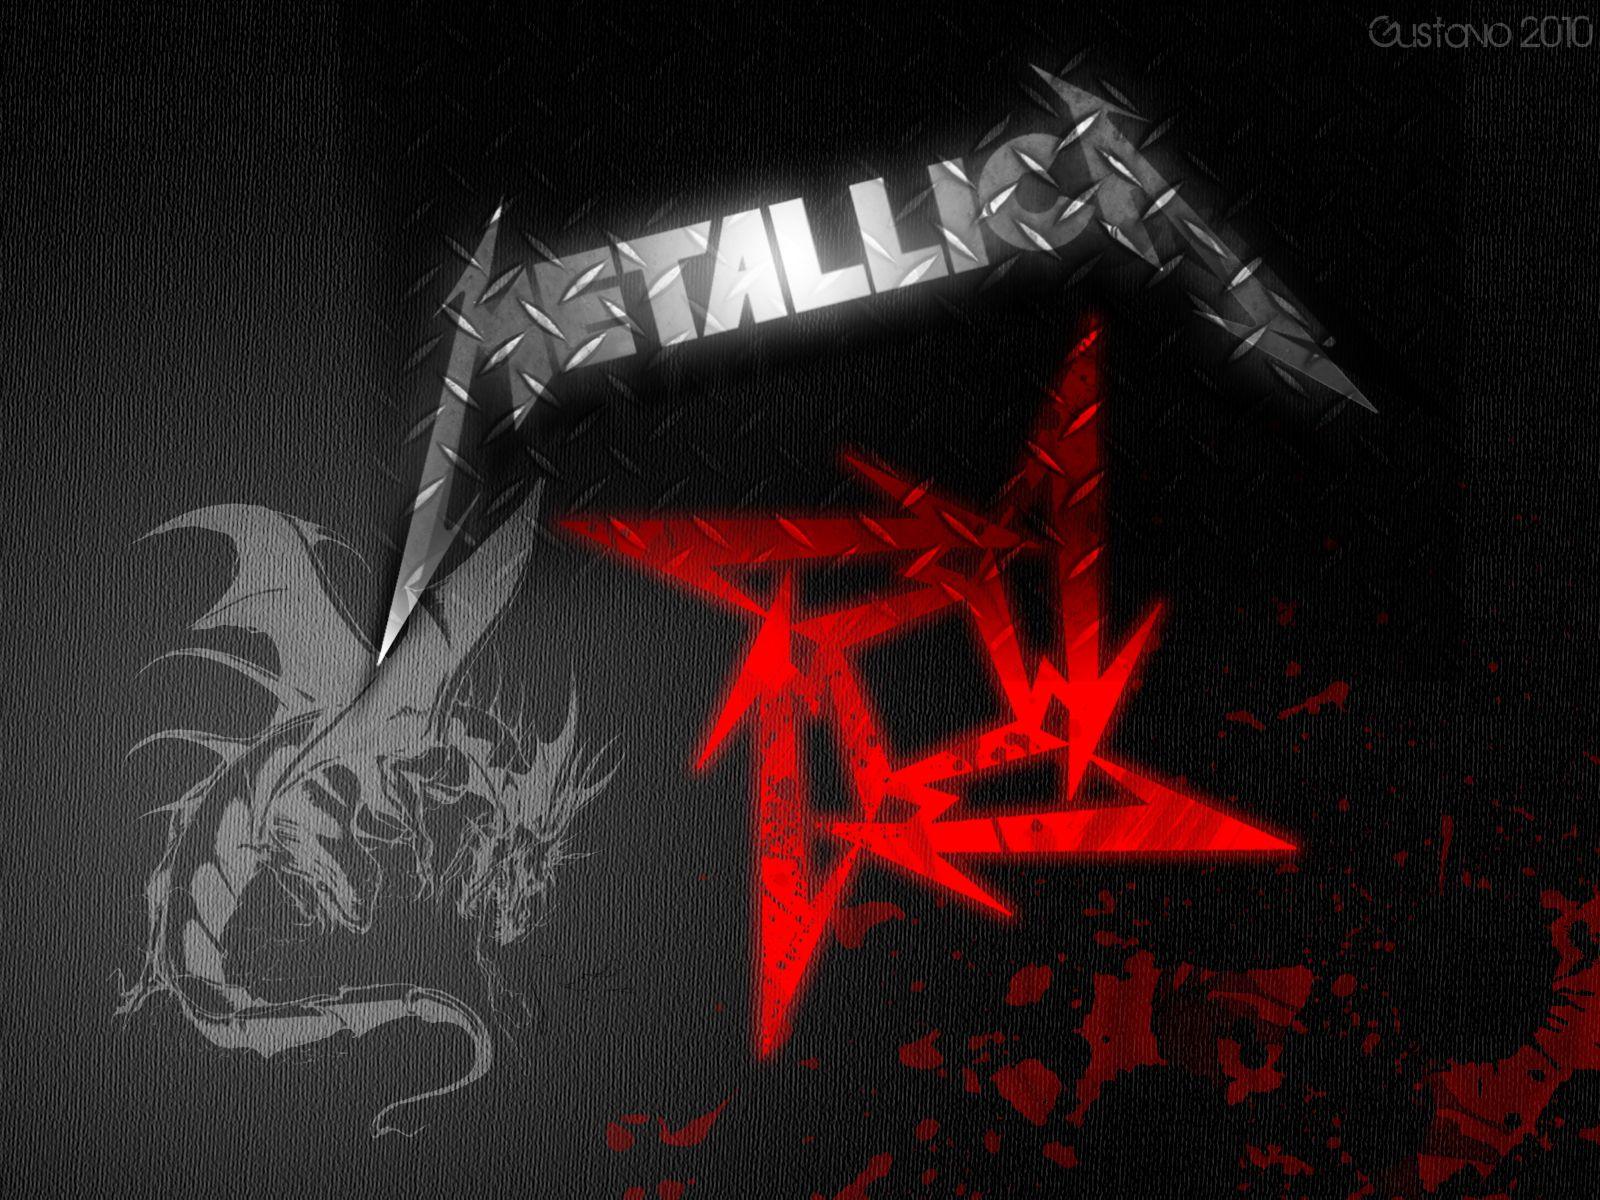 Metallica Wallpaper iPhone